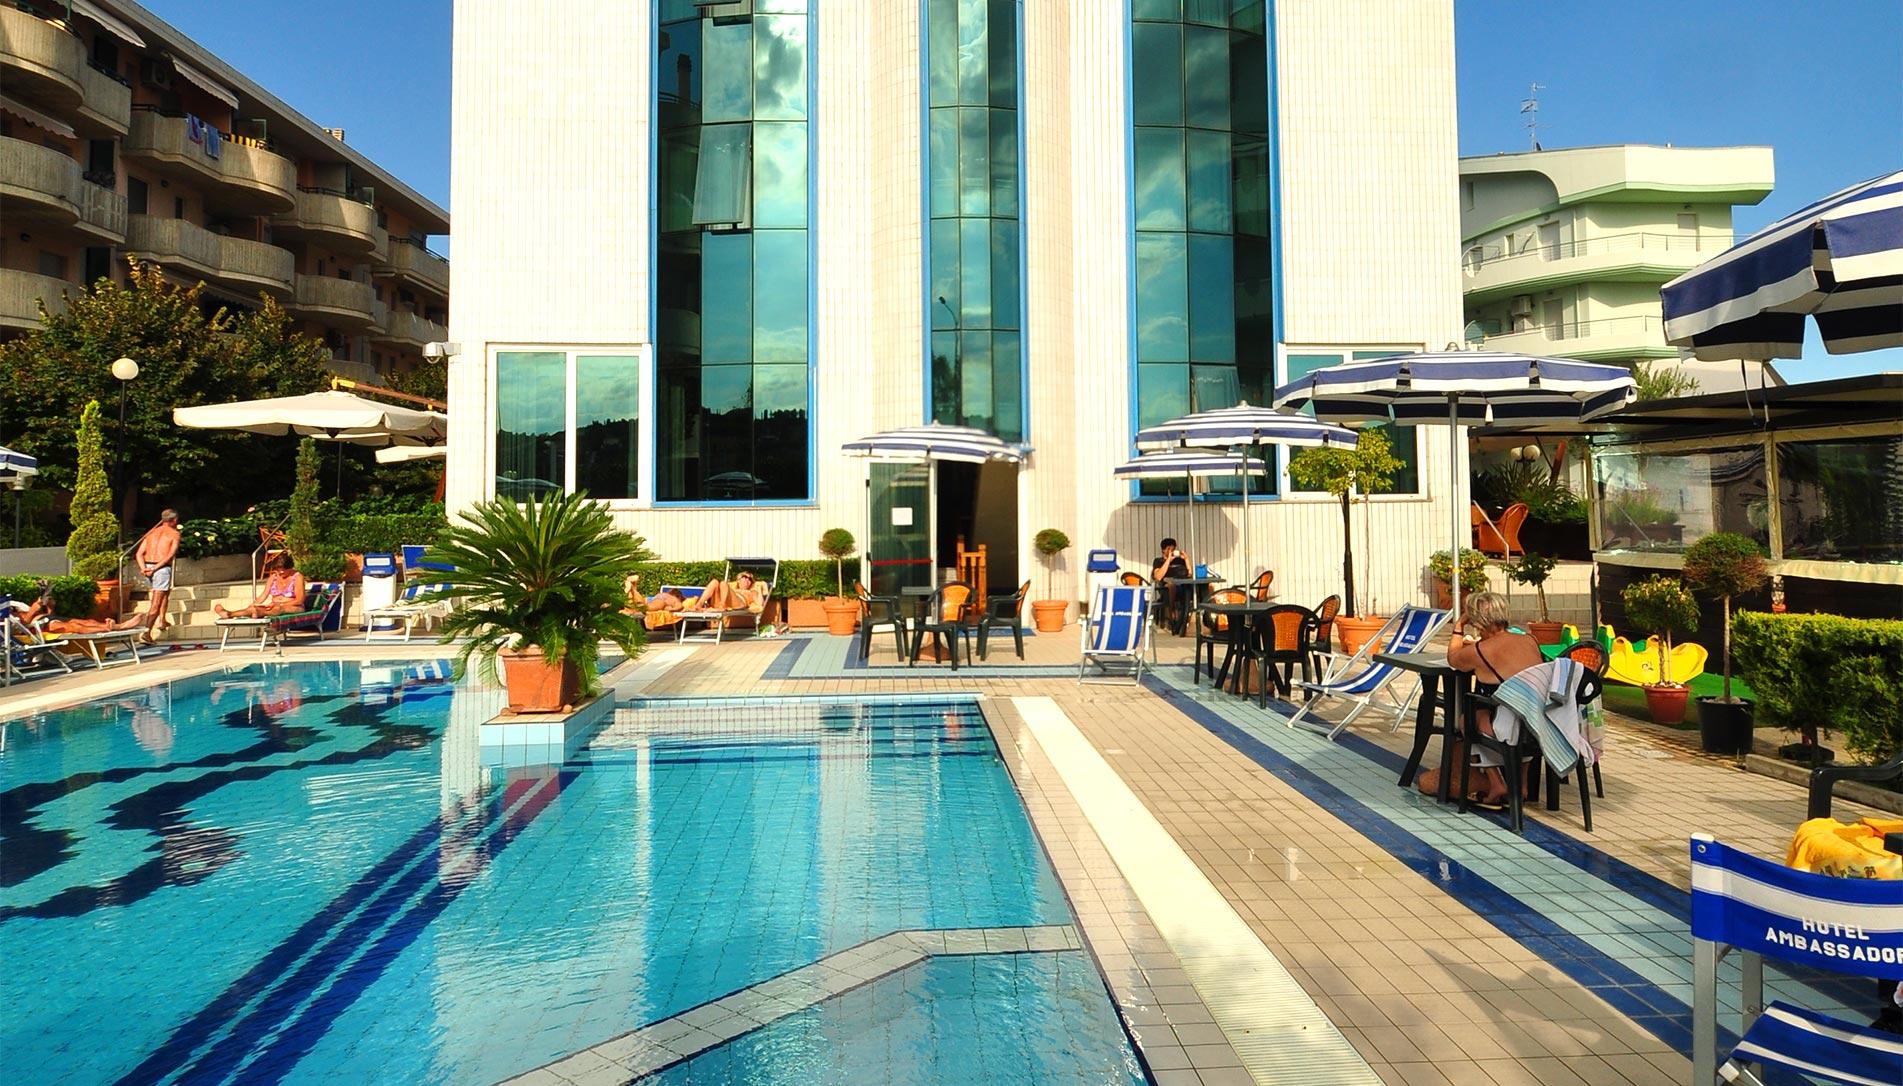 Hotel 4 stelle con piscina per vacanze con bambini sul - Hotel con piscina abruzzo ...